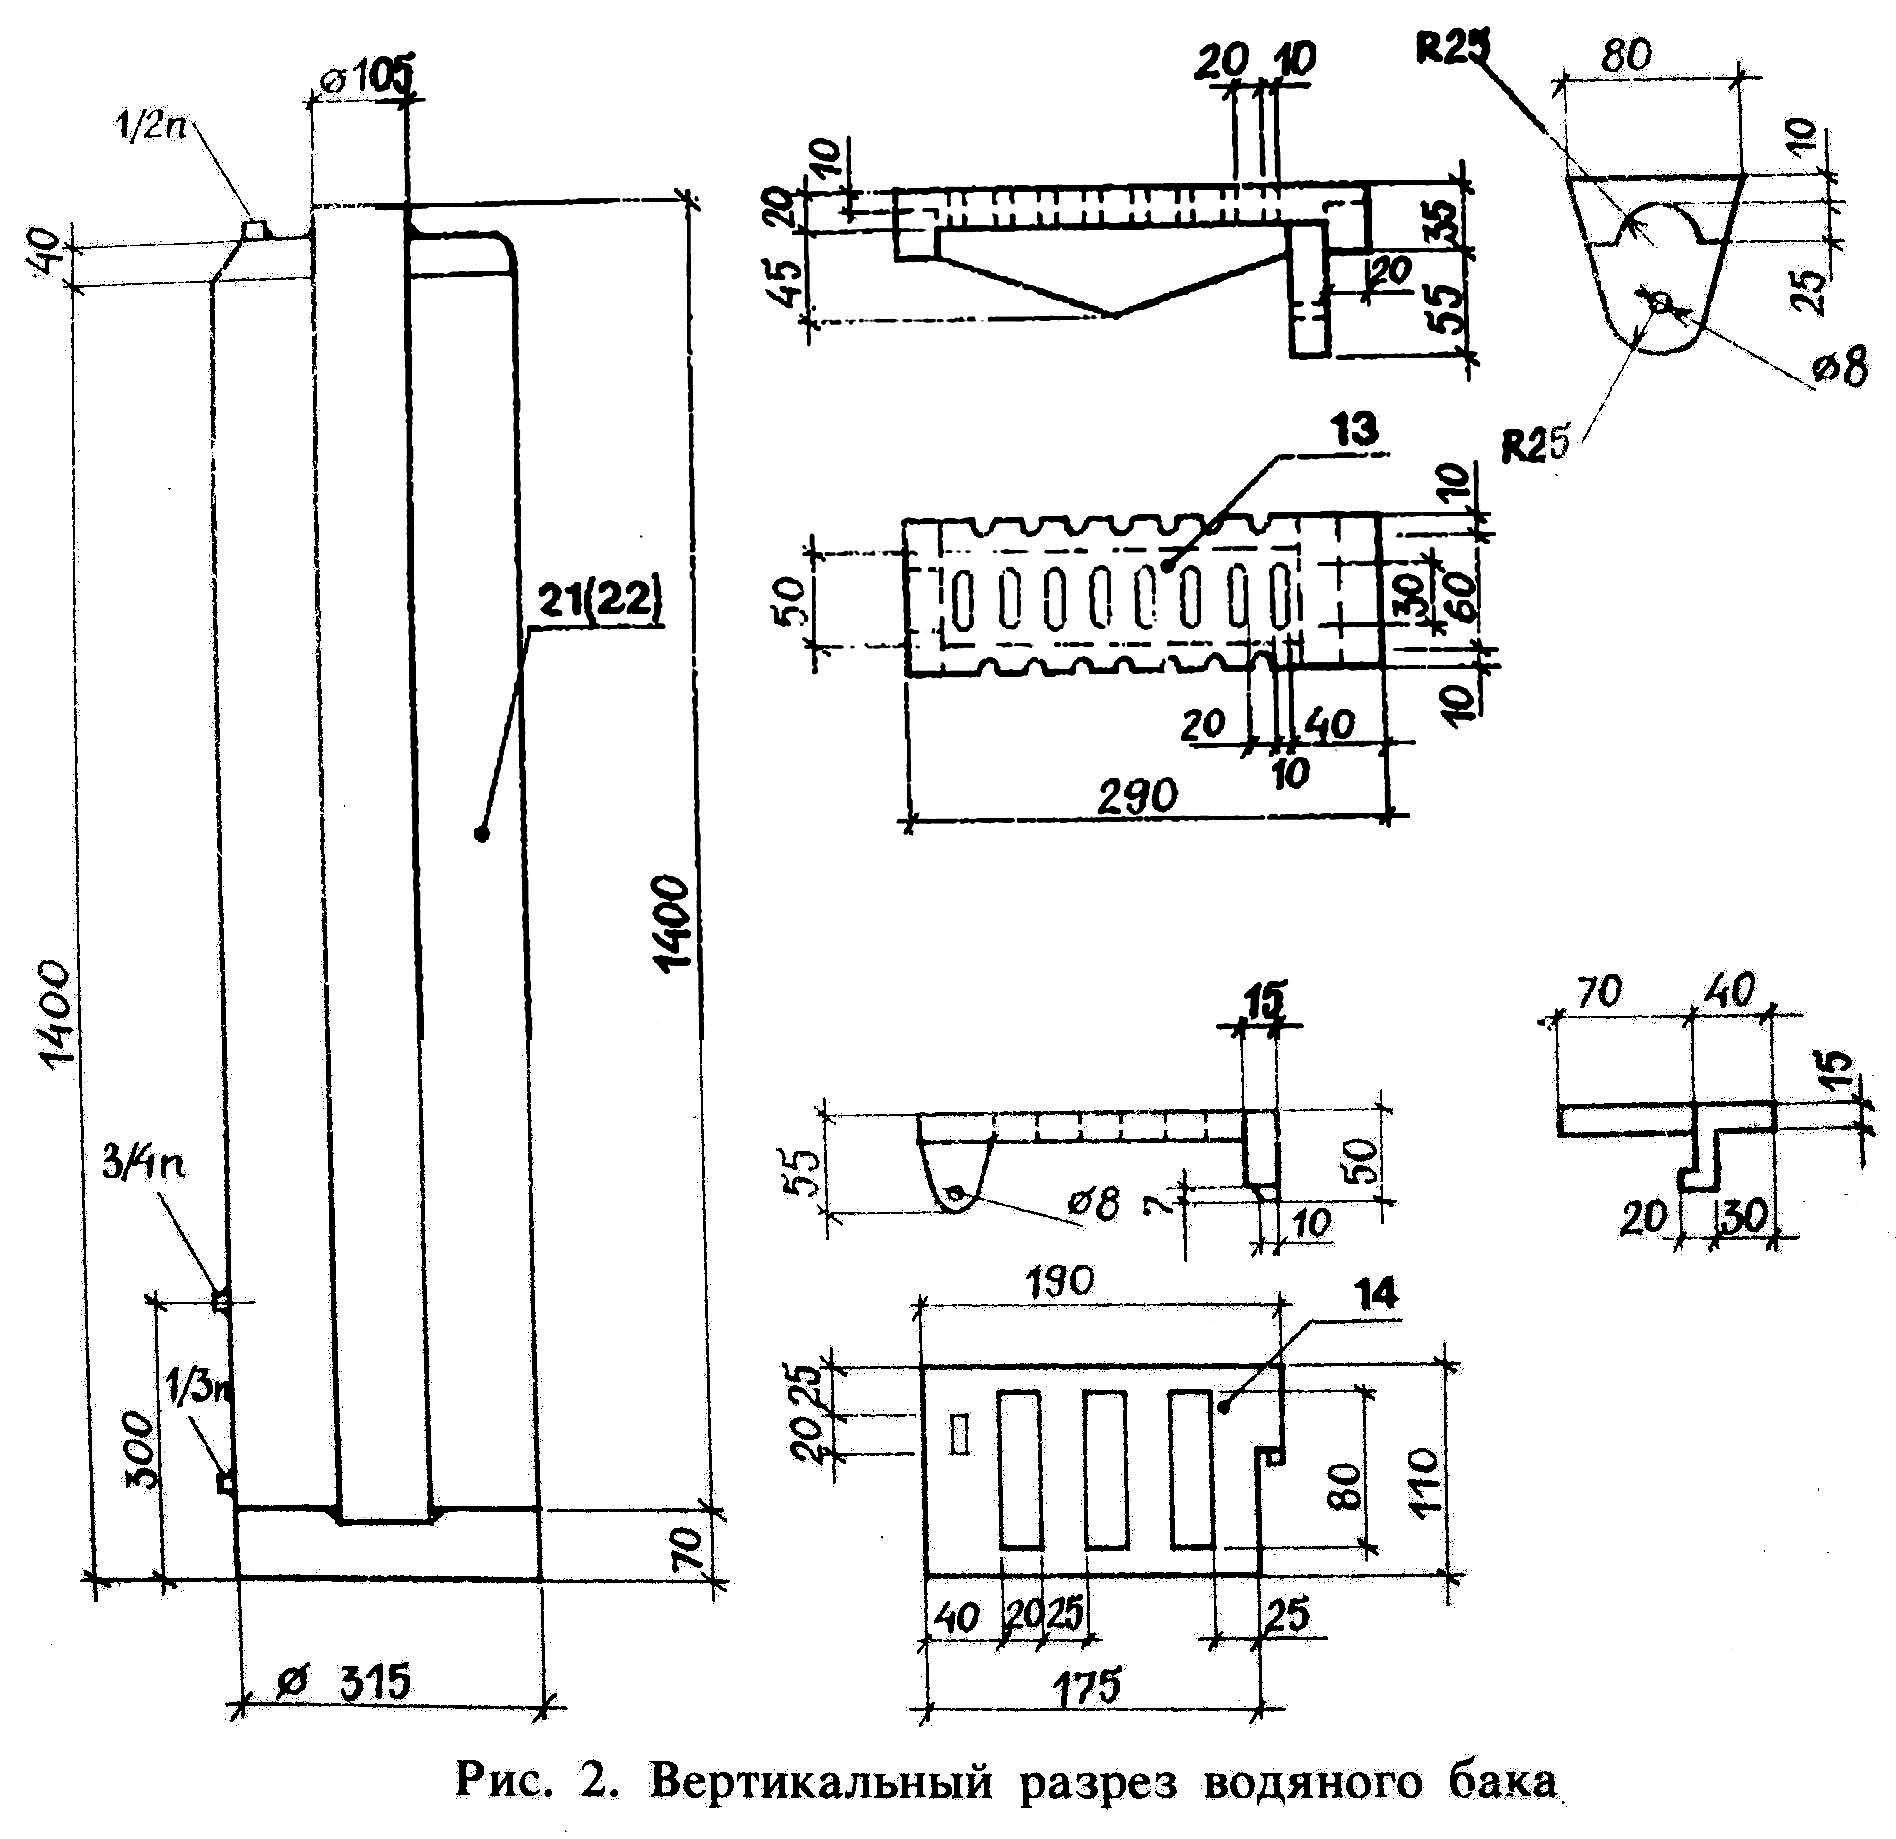 chauffage central fuel fonctionnement beziers versailles argenteuil cout de travaux au m2. Black Bedroom Furniture Sets. Home Design Ideas